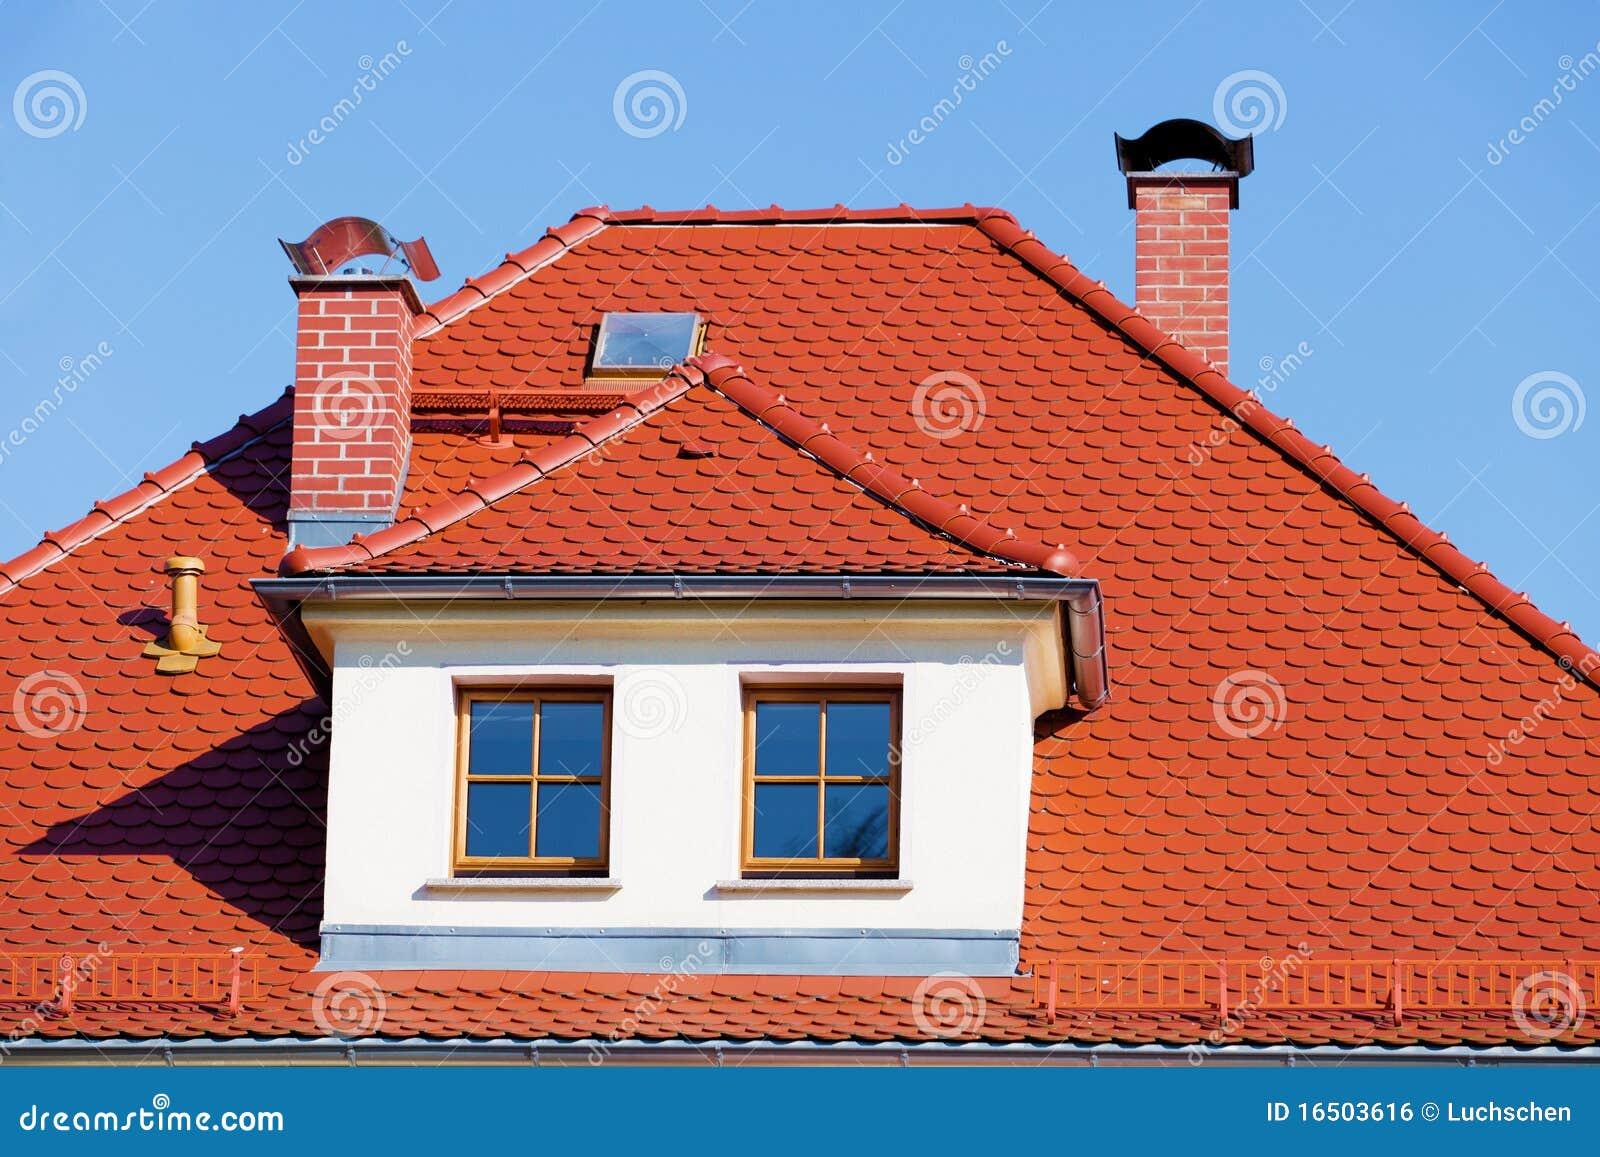 ая черепицей крыша